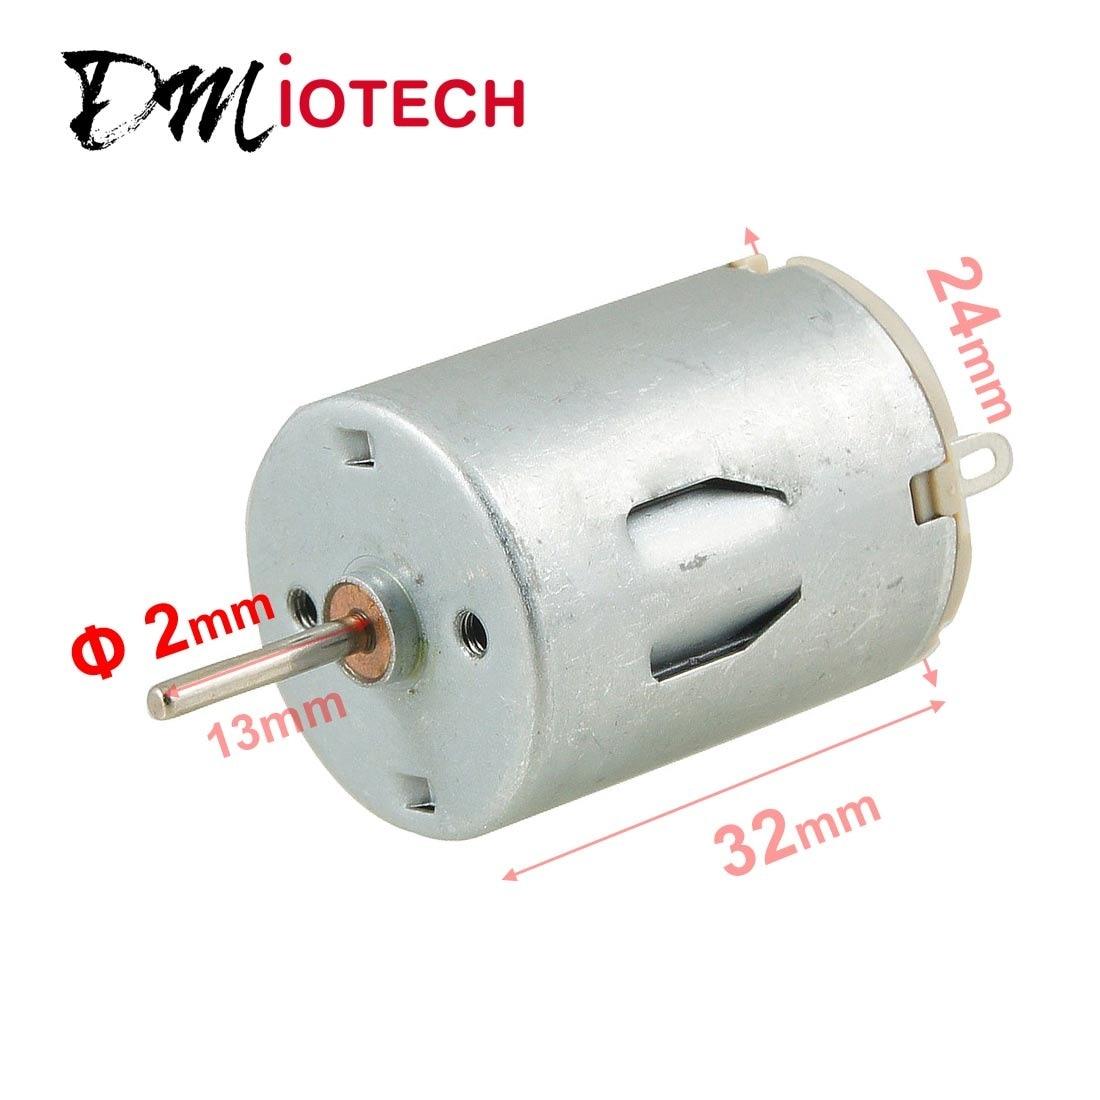 UXCELL (R) 6V 6300Rpm 2Mm Shaft Magnetic Mini Motor For Diy Toys Hobby 6V DC